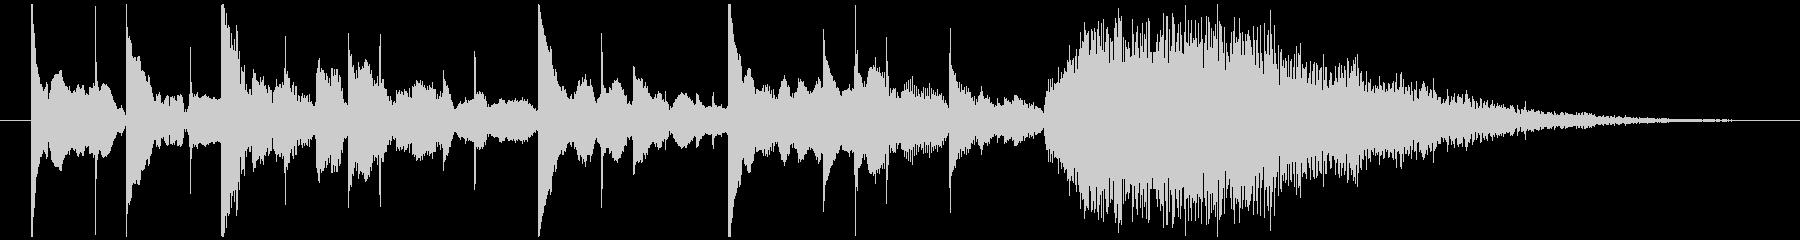 シンプルなデジタルエレクトロニクス系ロゴの未再生の波形